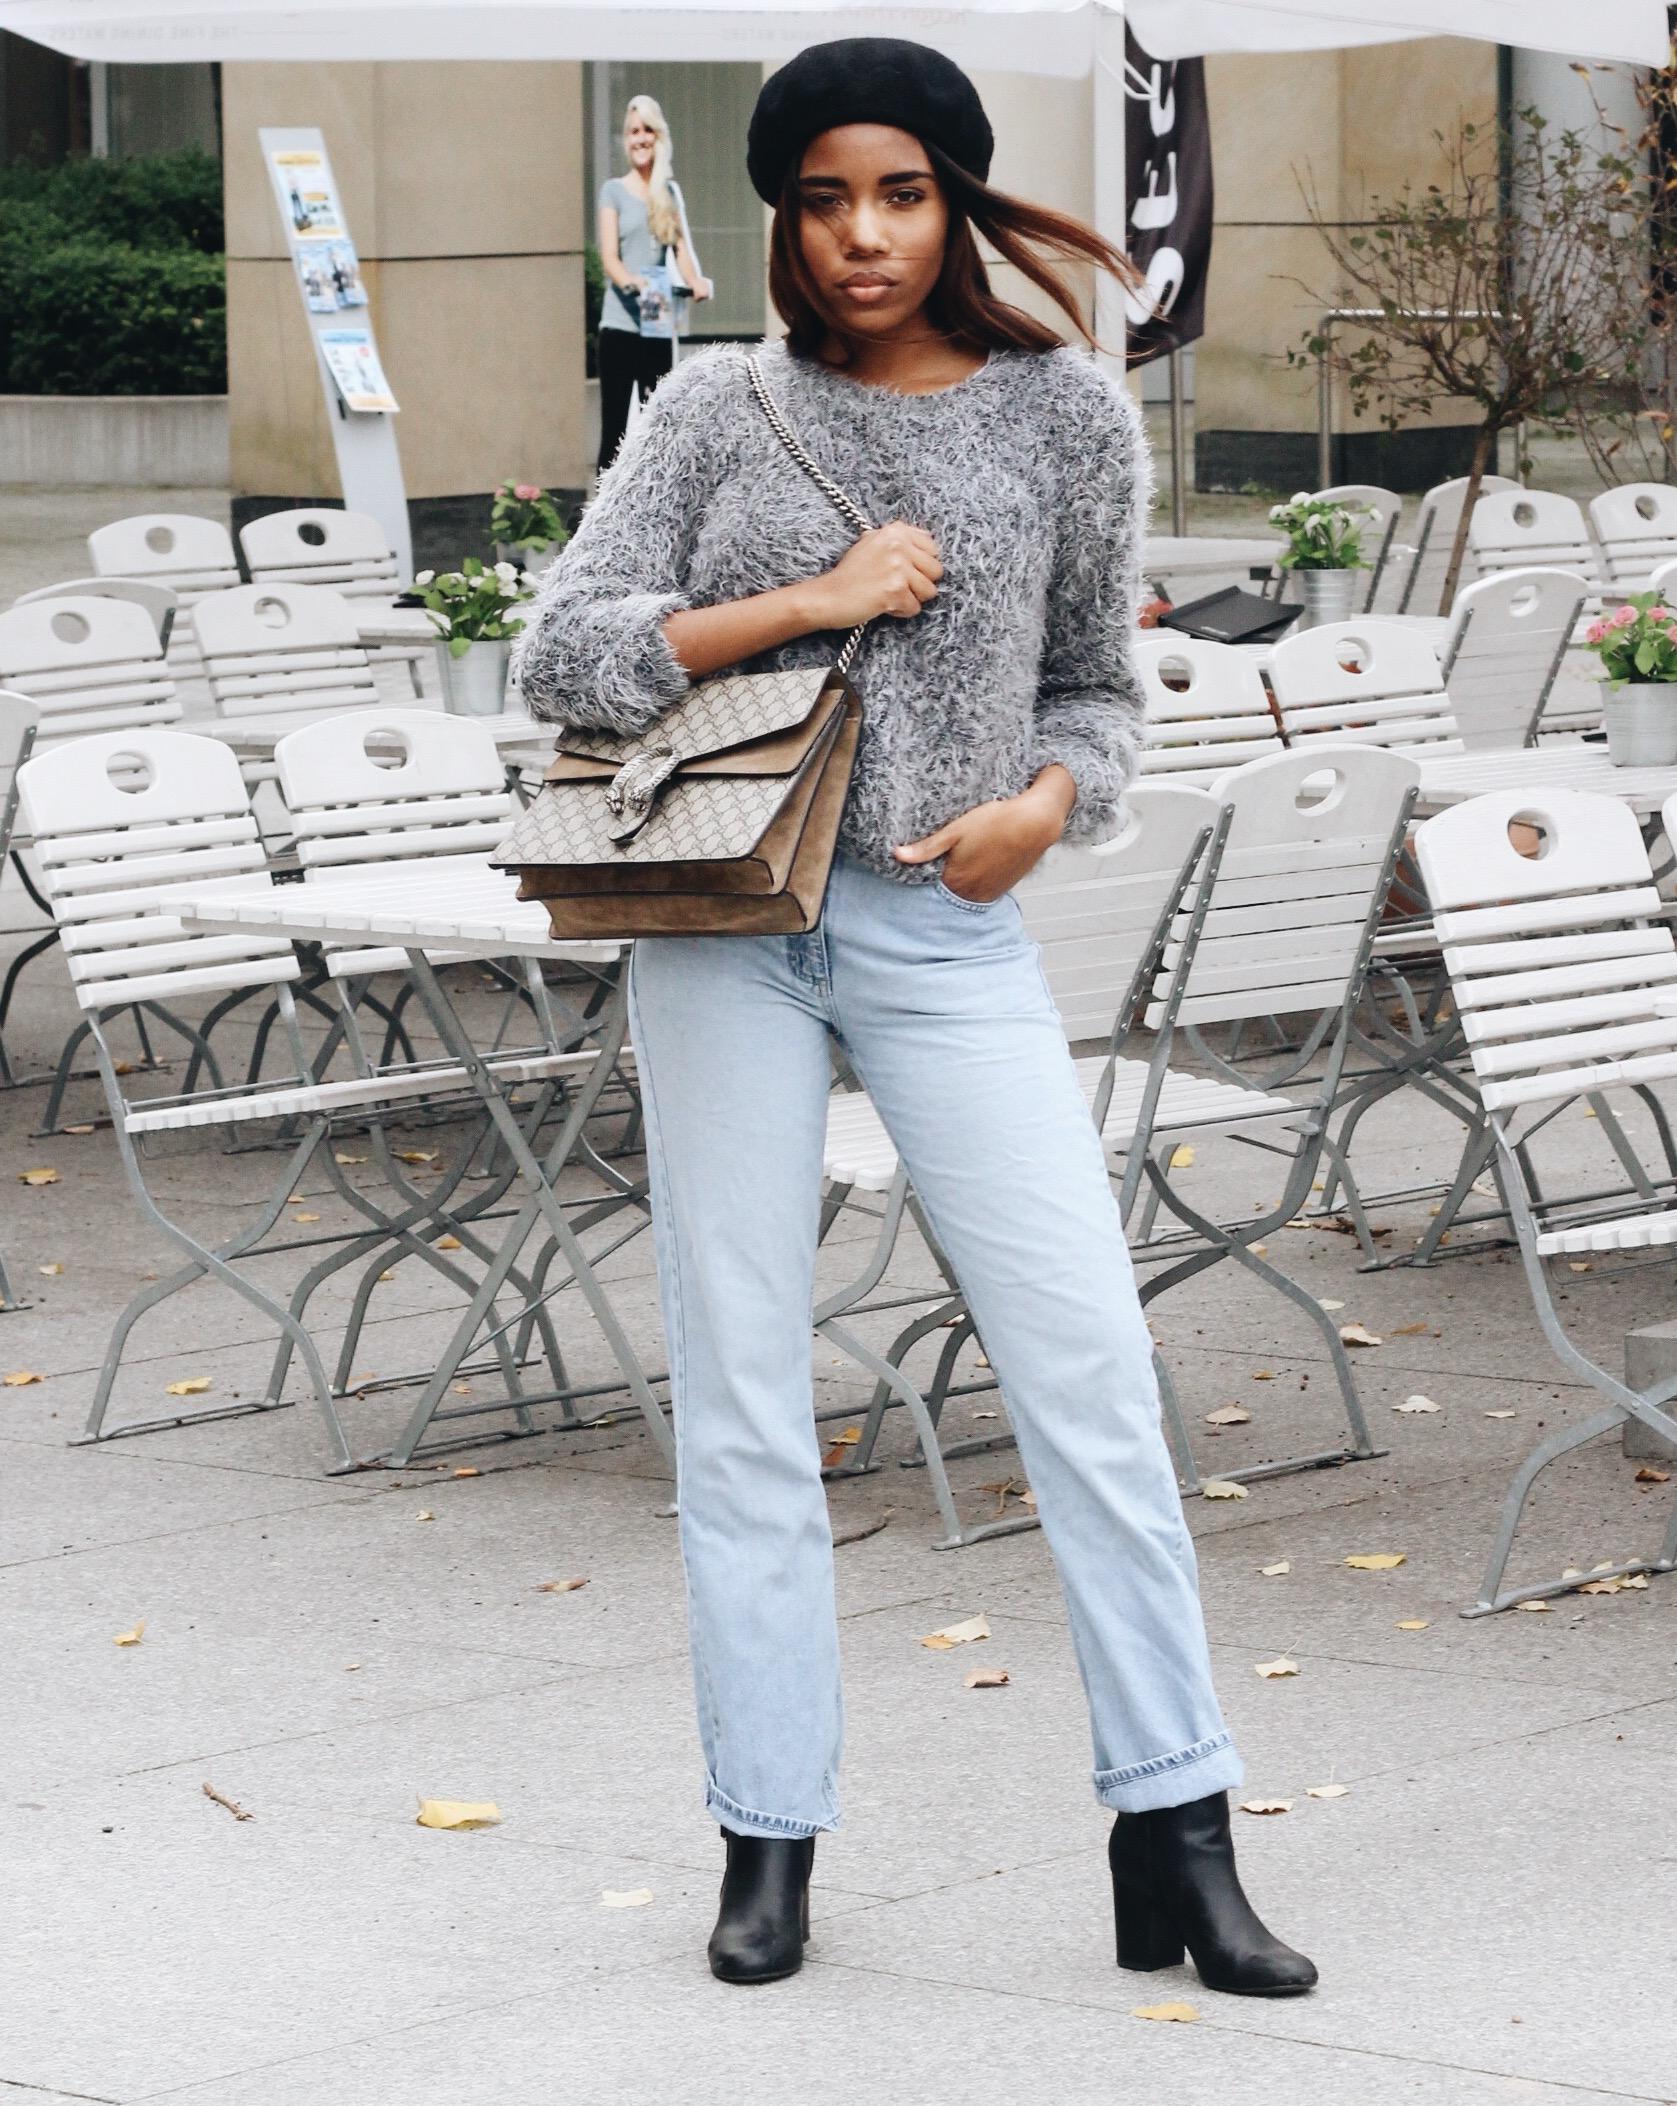 gucci dionysus, Influencer Deutschland, Modeblogger Berlin, Gucci Taschen Influencer